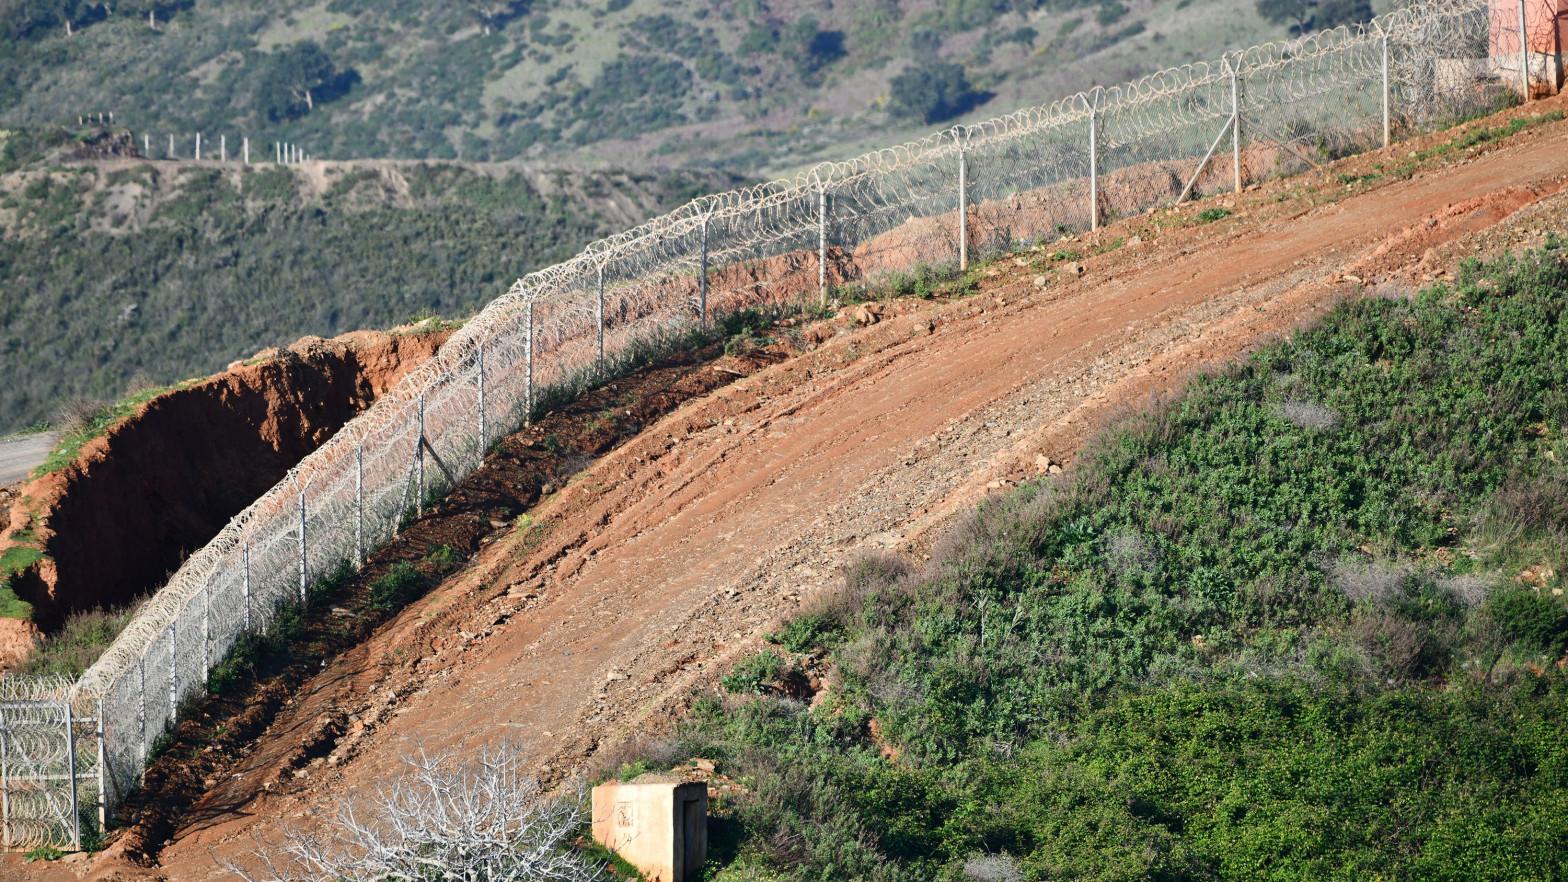 Melilla aborta el intento de entrada de 60 migrantes desde Marruecos el mismo día que acceden unos 50 por Ceuta